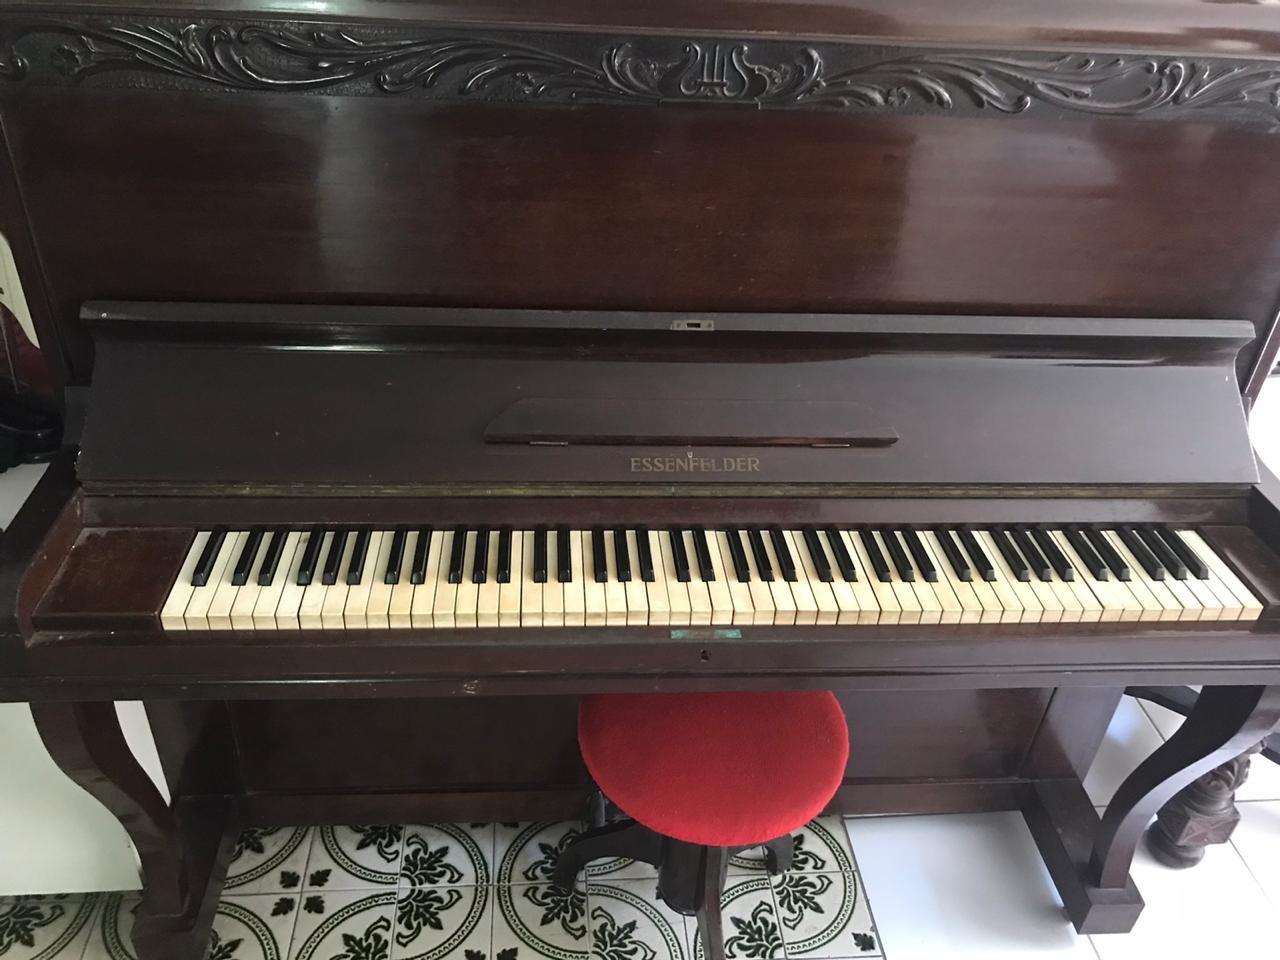 De piano a bandolim, músicos cearenses se desfazem dos próprios instrumentos para pagar as contas durante a pandemia